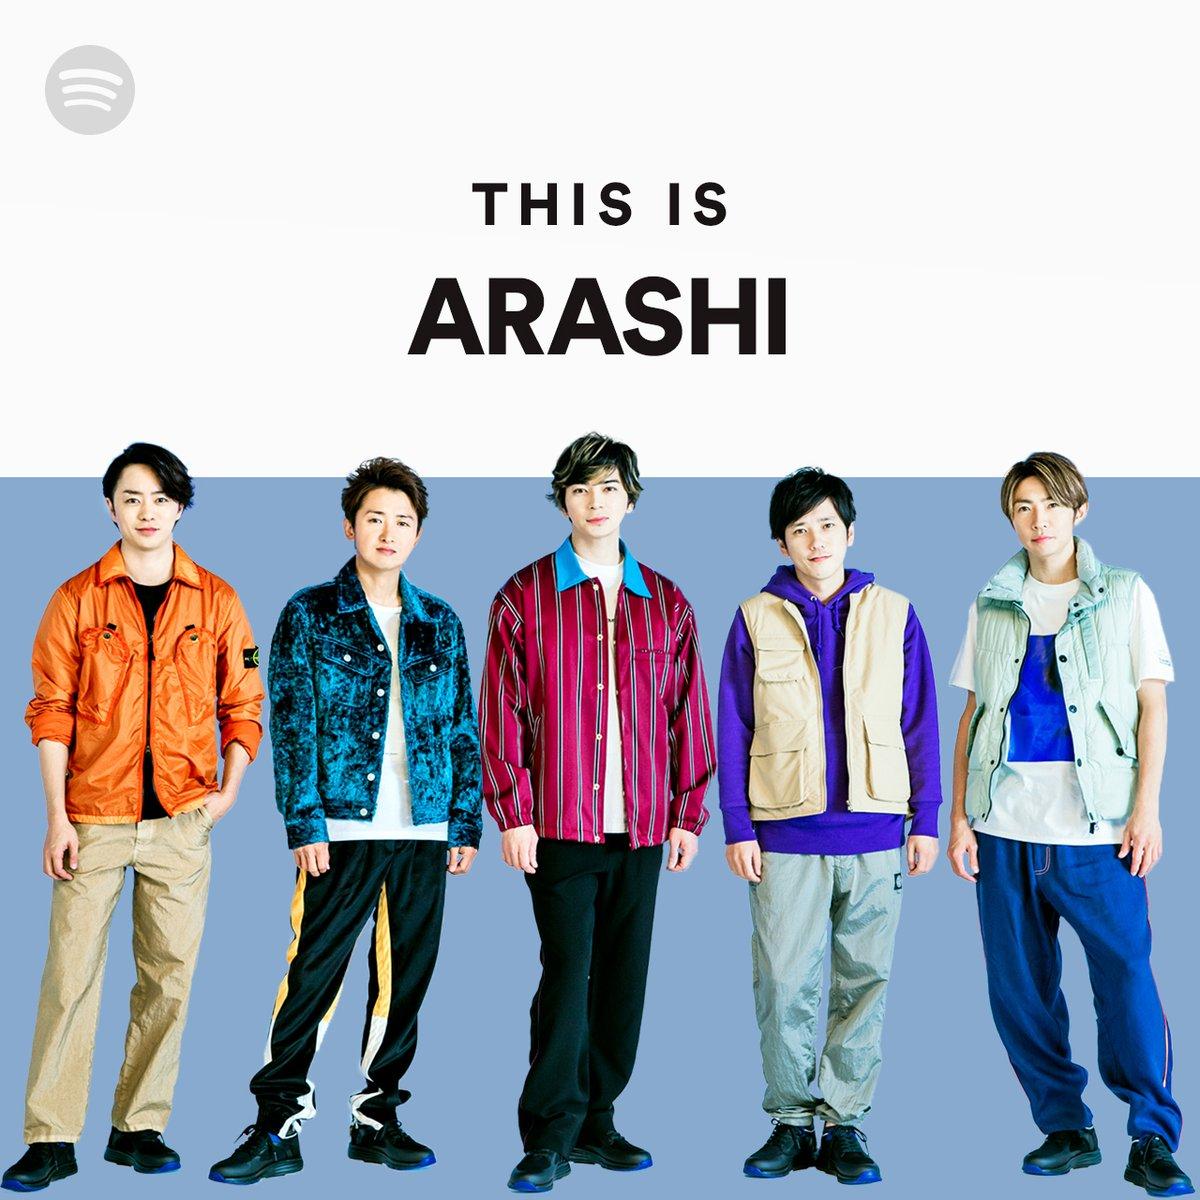 """#嵐 (@arashi5official) の最新曲 """"Turning Up"""" をオランダ出身の人気DJ/音楽プロデューサーの #R3HAB (@R3HAB) がリミックス🎧⚡️  """"Turning Up (R3HAB Remix)"""" をいますぐチェック👉    """"This Is ARASHI"""" も👉   #ARASHIonSpotify"""